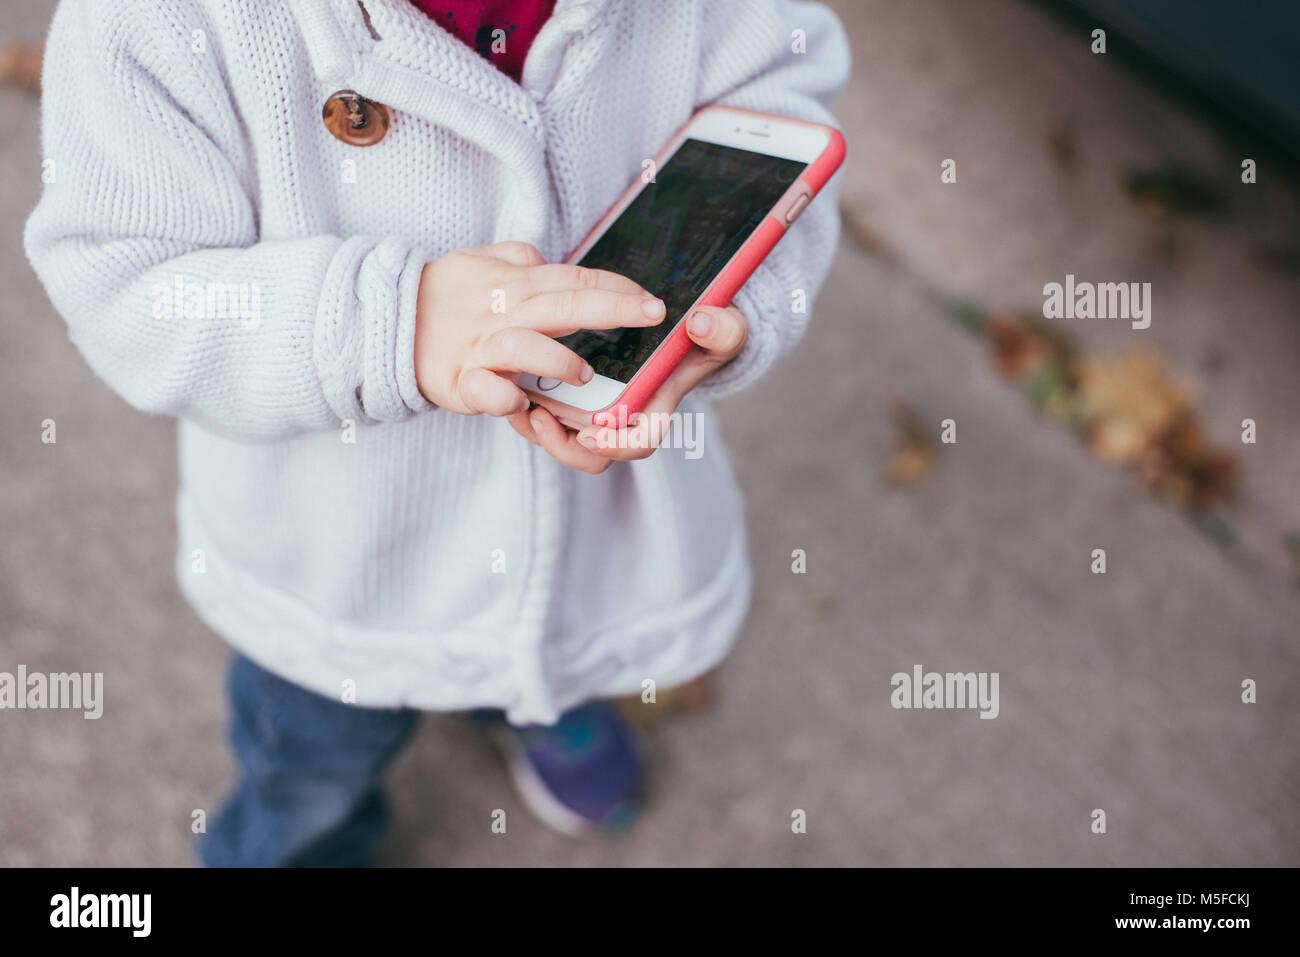 Un bambin filles joue sur un smartphone. Photo Stock